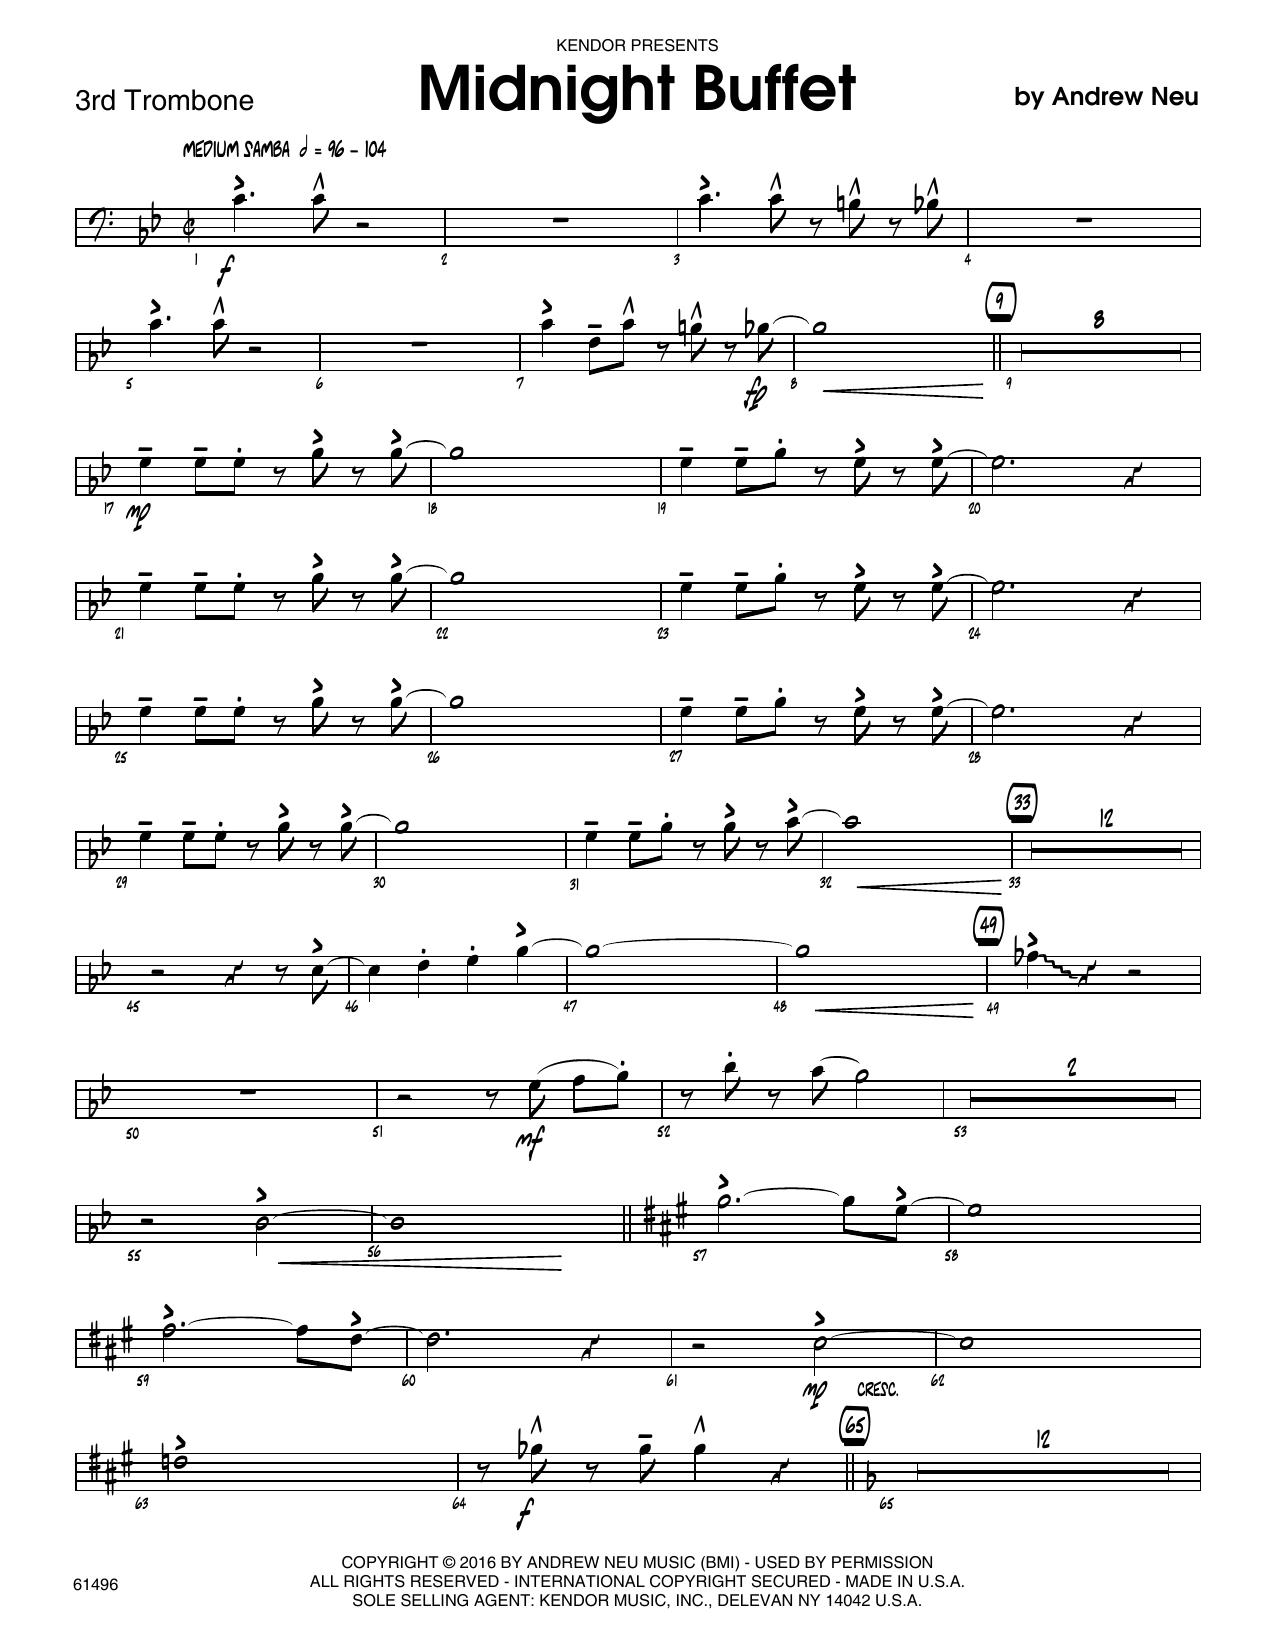 Midnight Buffet - 3rd Trombone Sheet Music